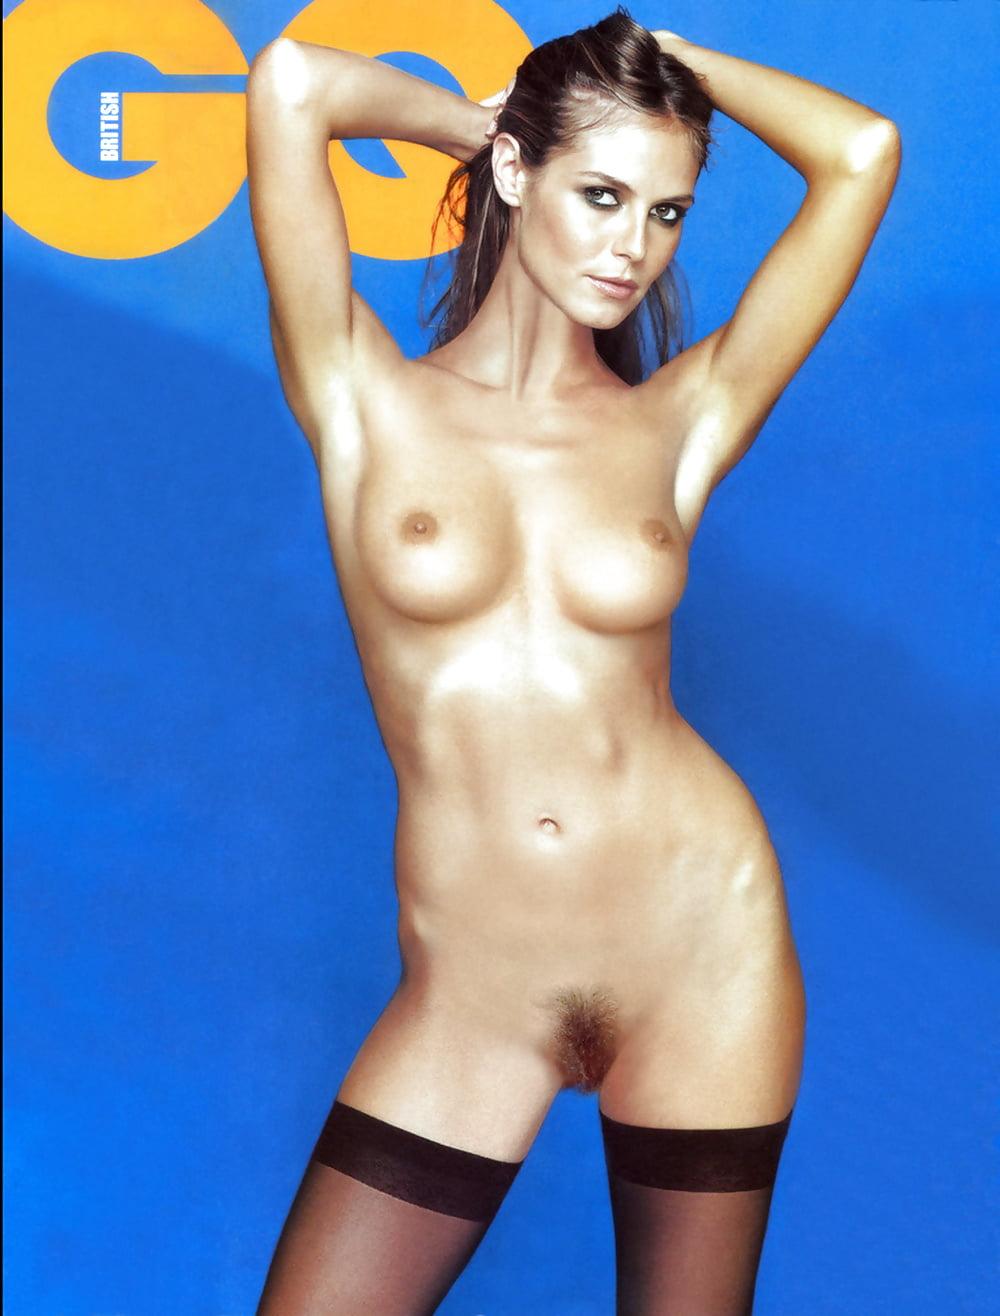 Heidi klum nude pictures 10